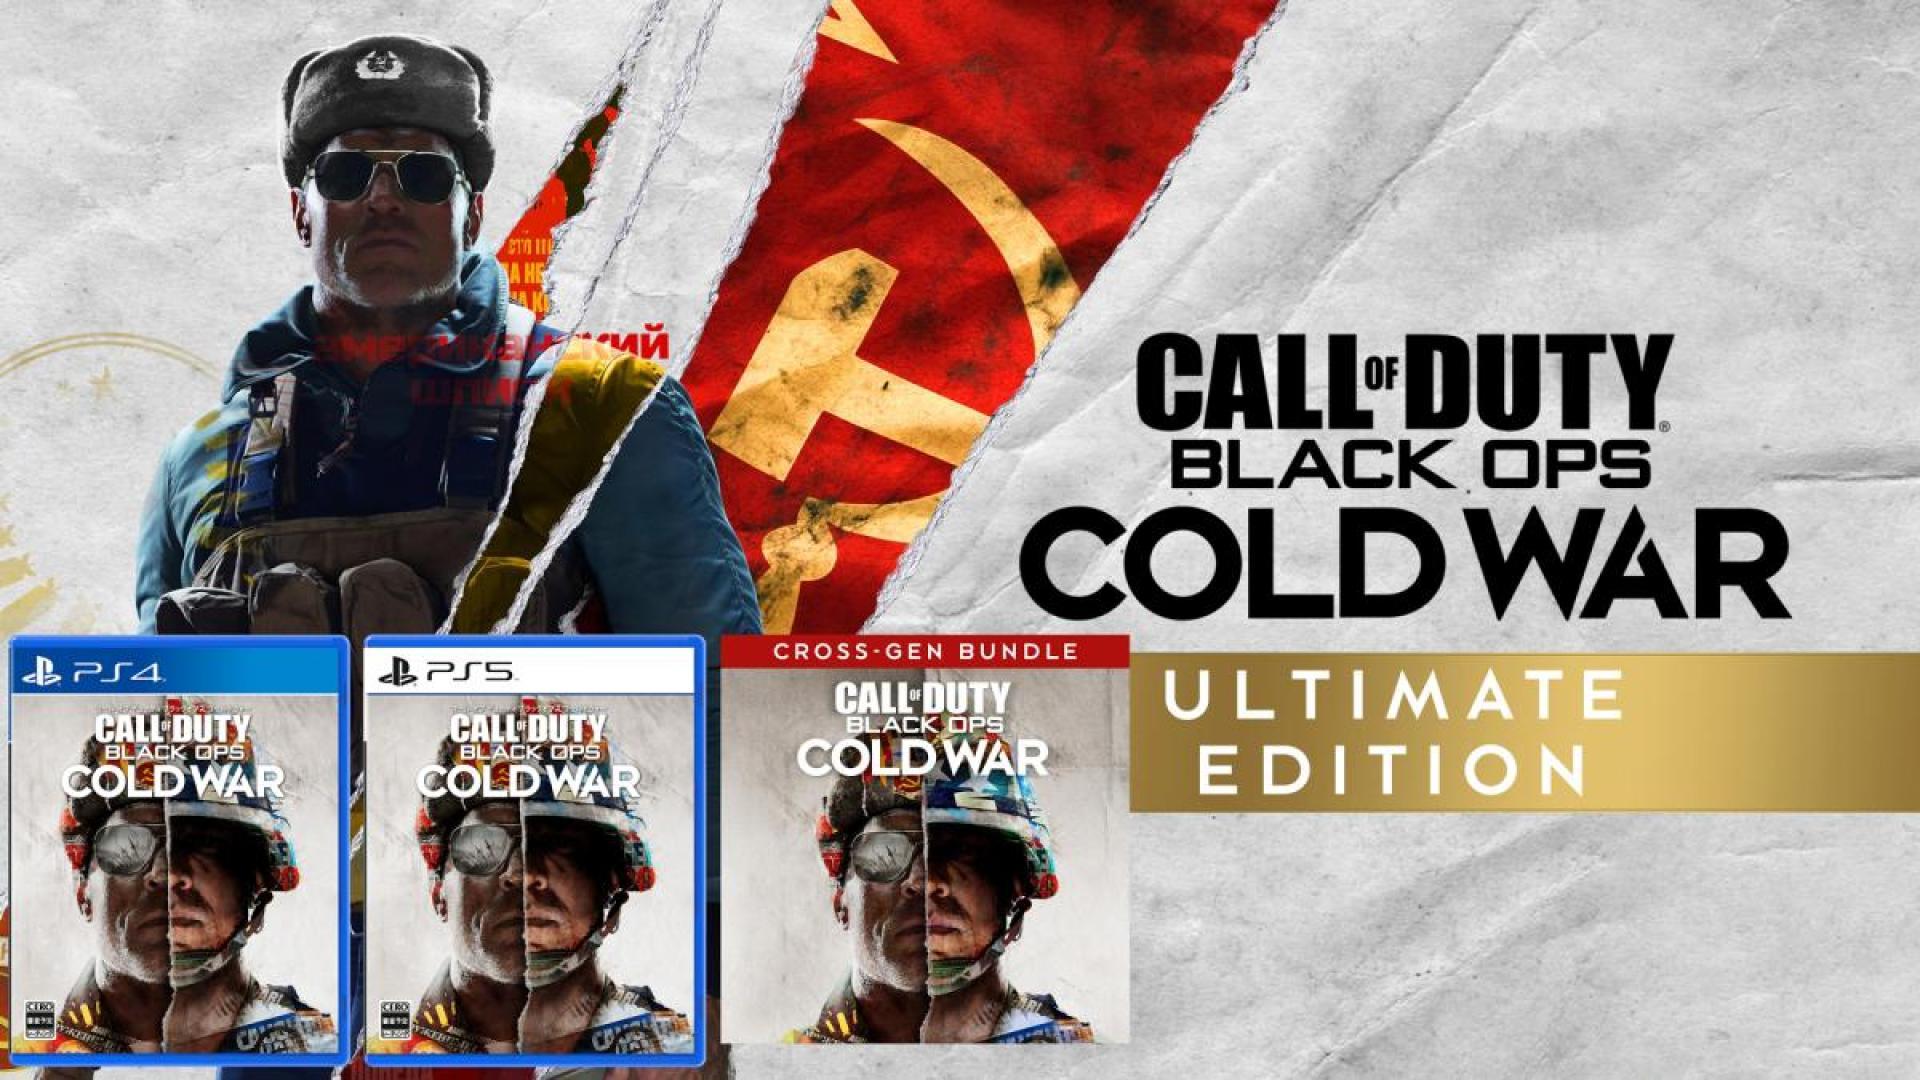 CoD:BOCW:『コール オブ デューティ ブラックオプス コールドウォー』は4つのバージョンのうちどれを買えばいい? おさらいまとめ [Copy]